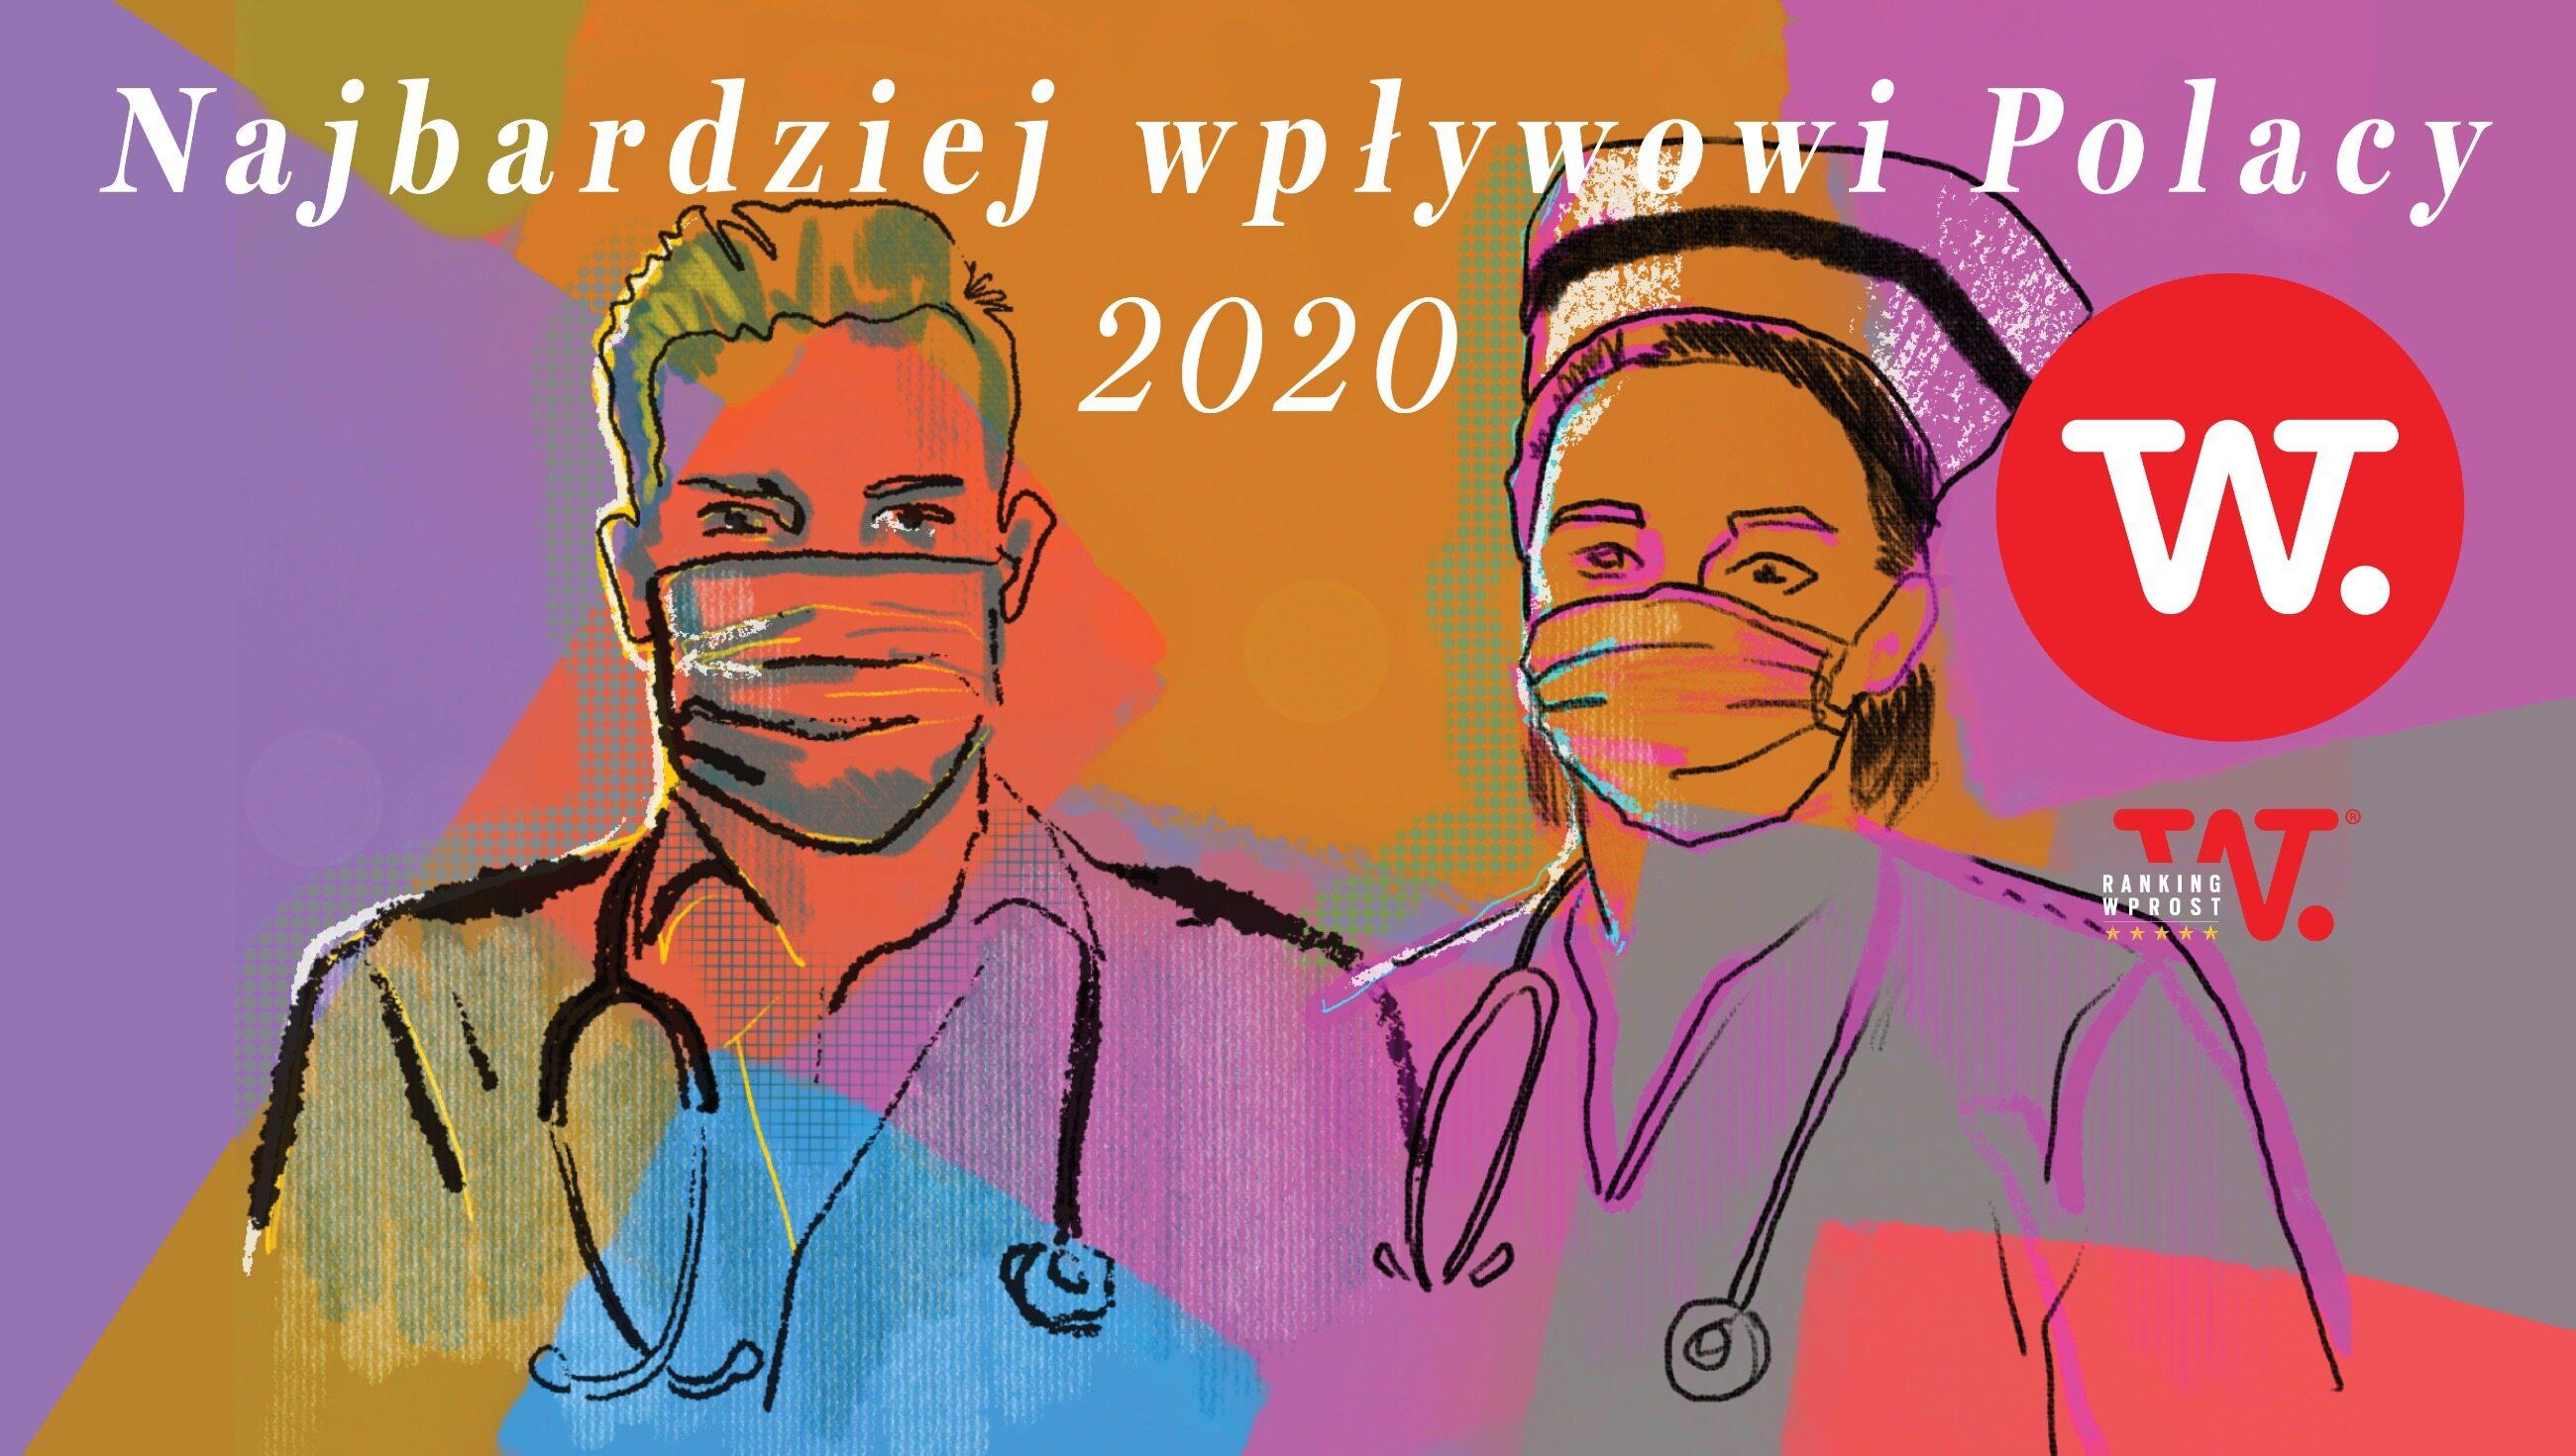 Najbardziej wpływowi Polacy banner